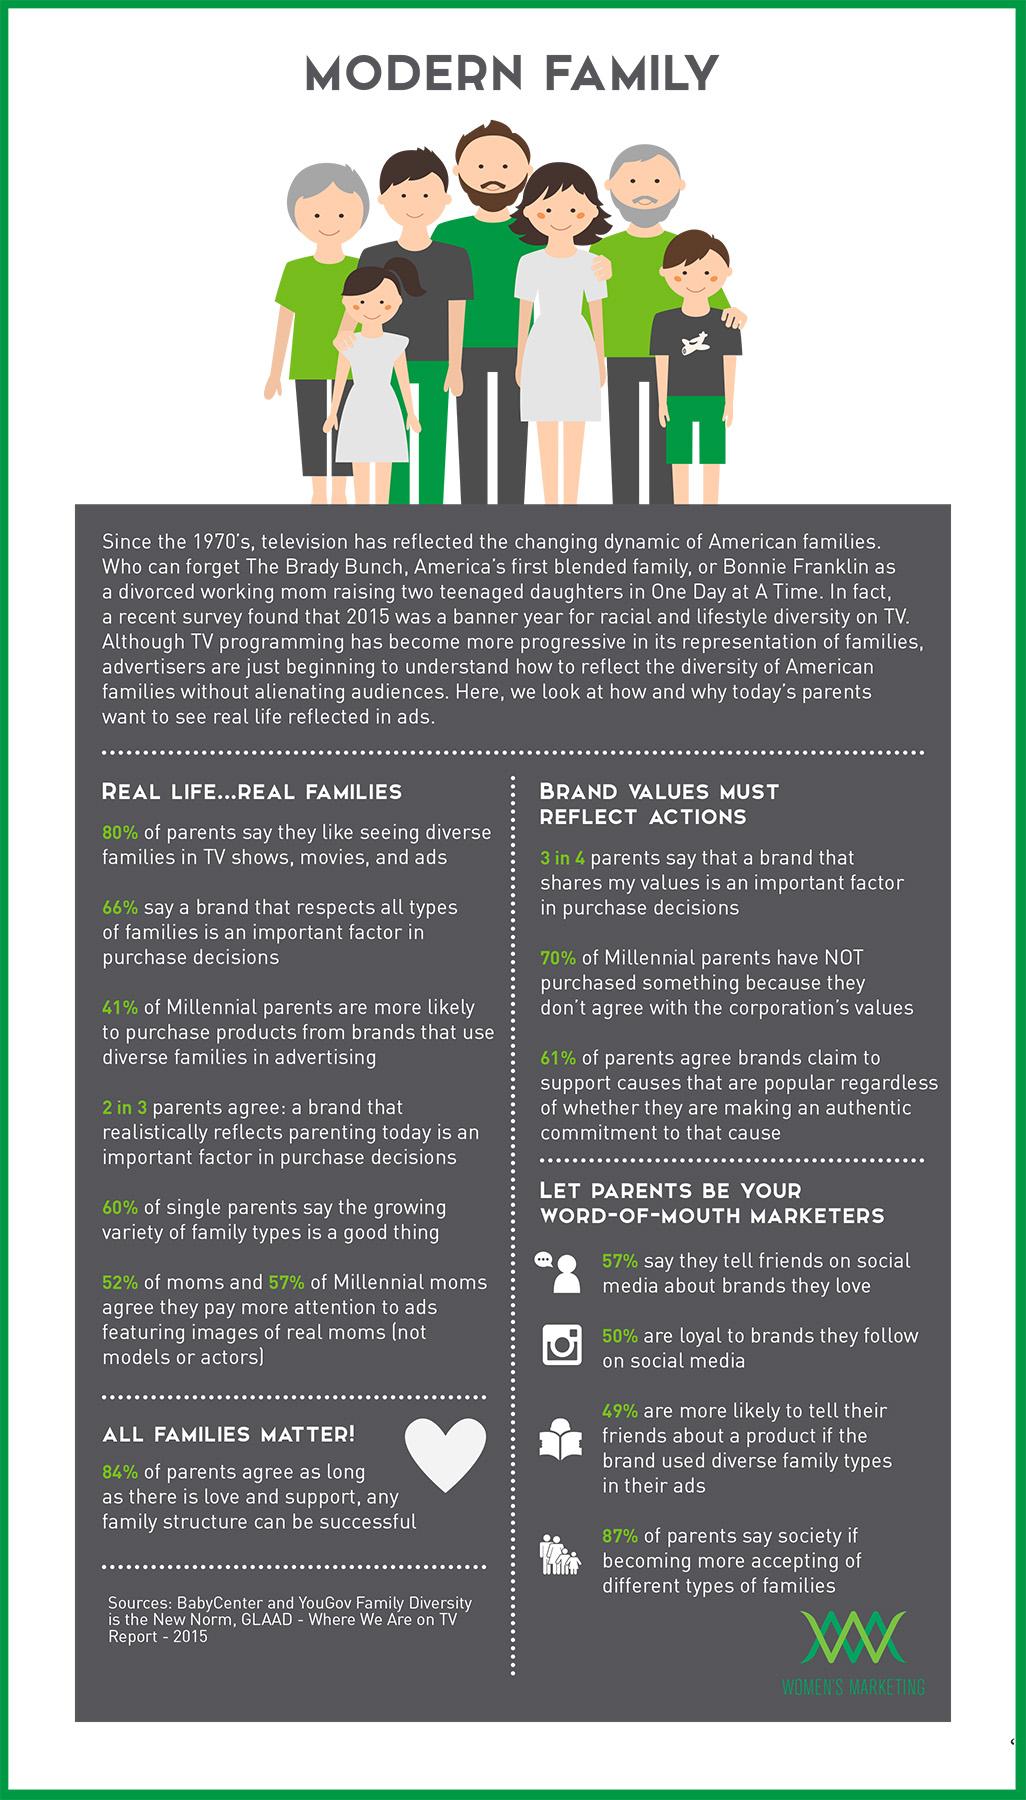 ModernFamily_Infographic.jpg